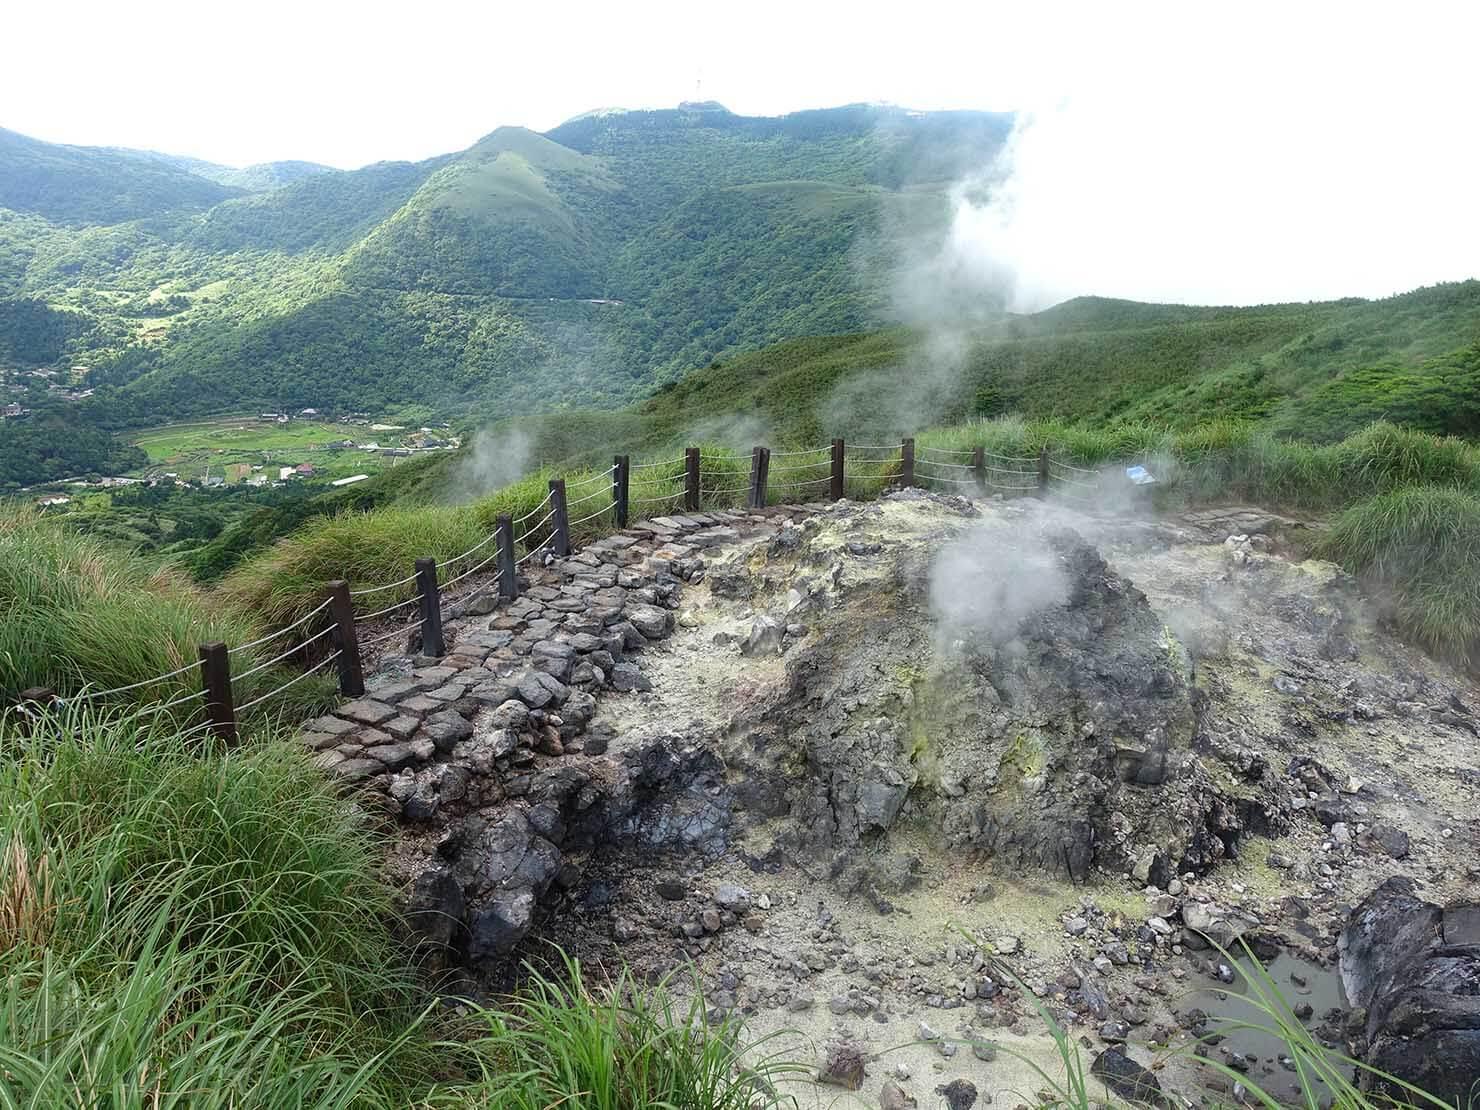 台北最高峰・七星山への登山歩道で蒸気の吹き出す岩を上から眺める